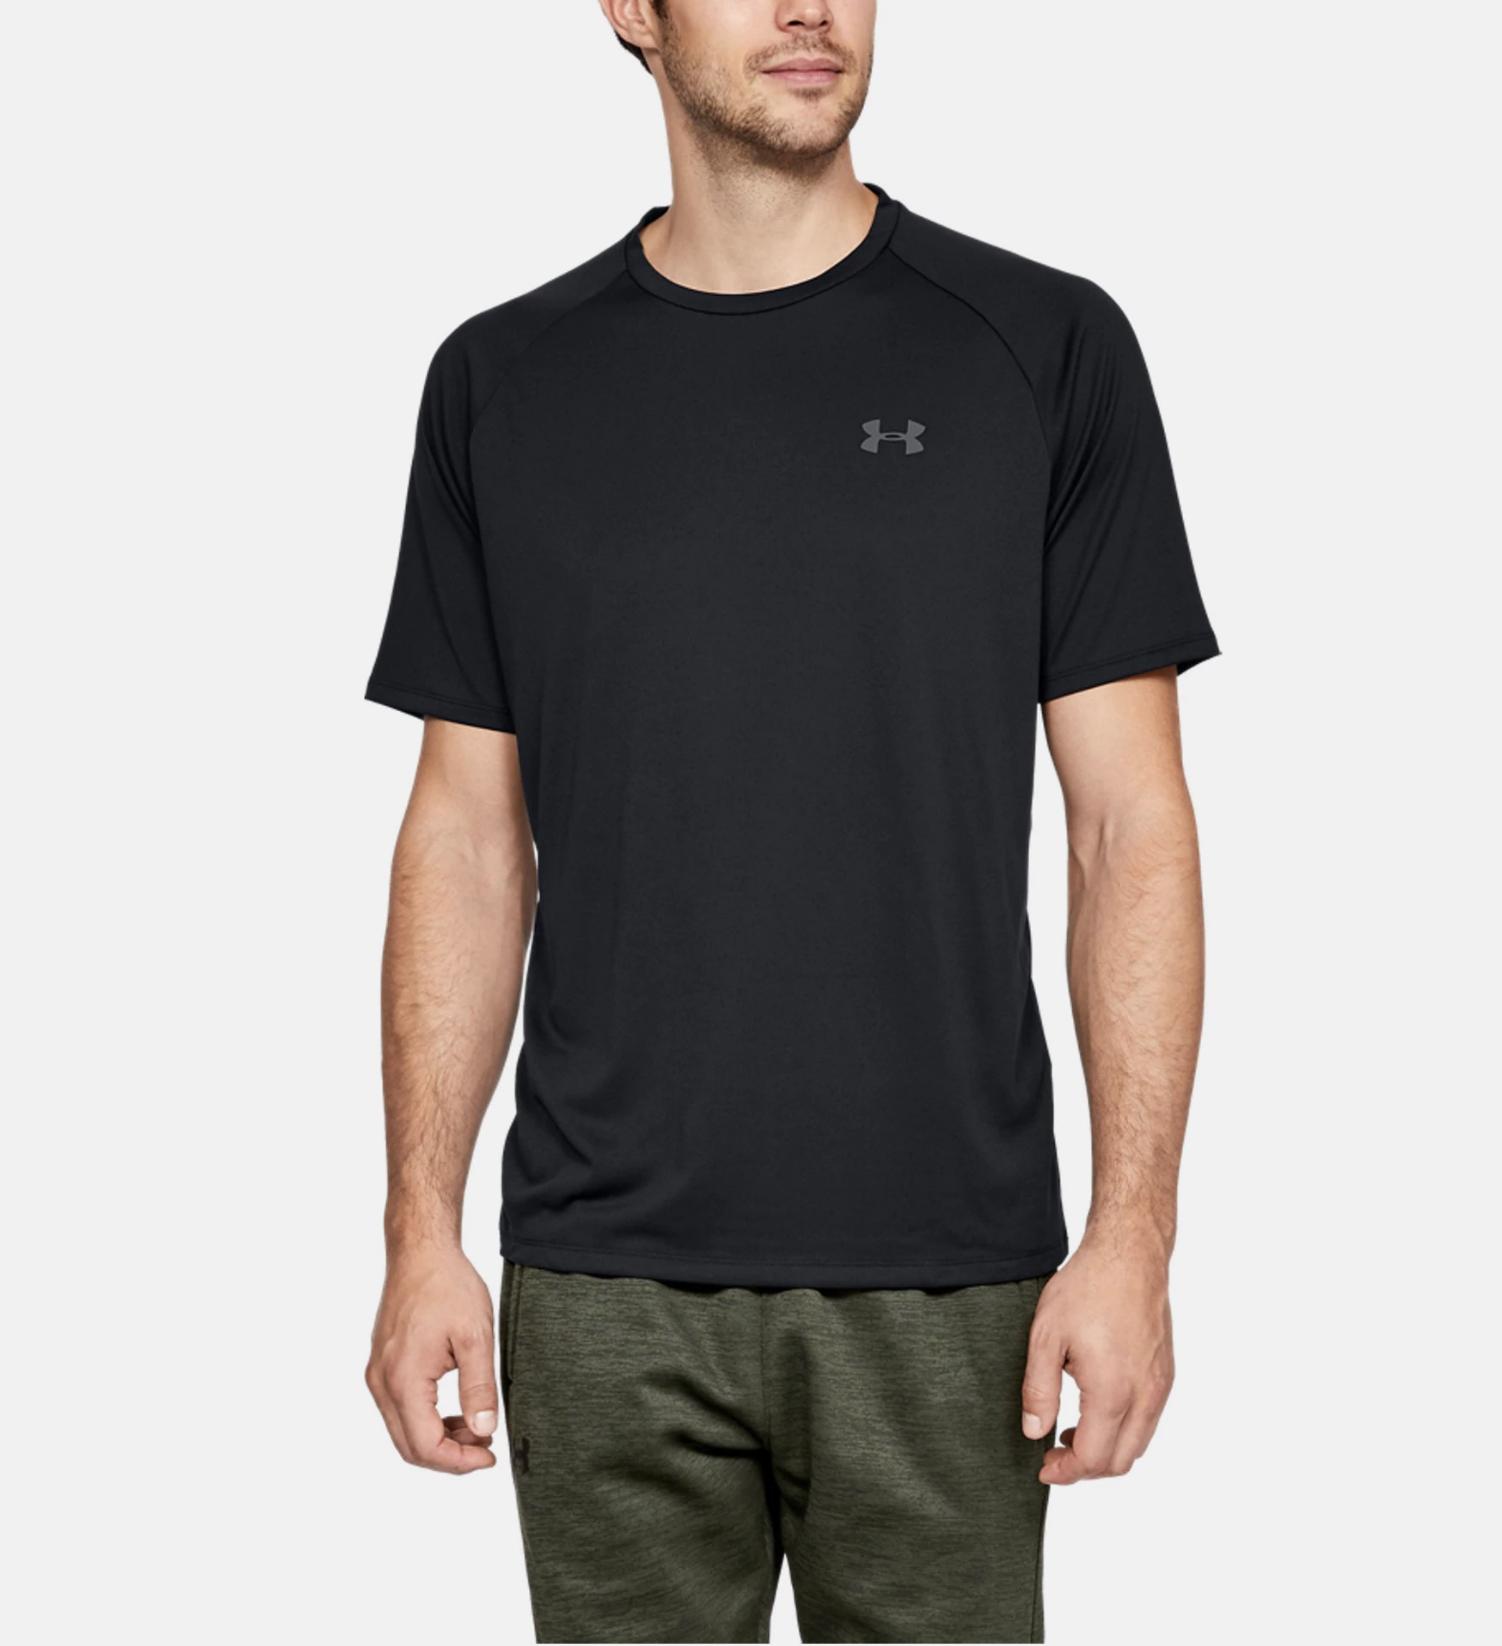 Under Armour Men/'s UA HeatGear Tech Short Sleeve Lightweight Running Shirt NWT